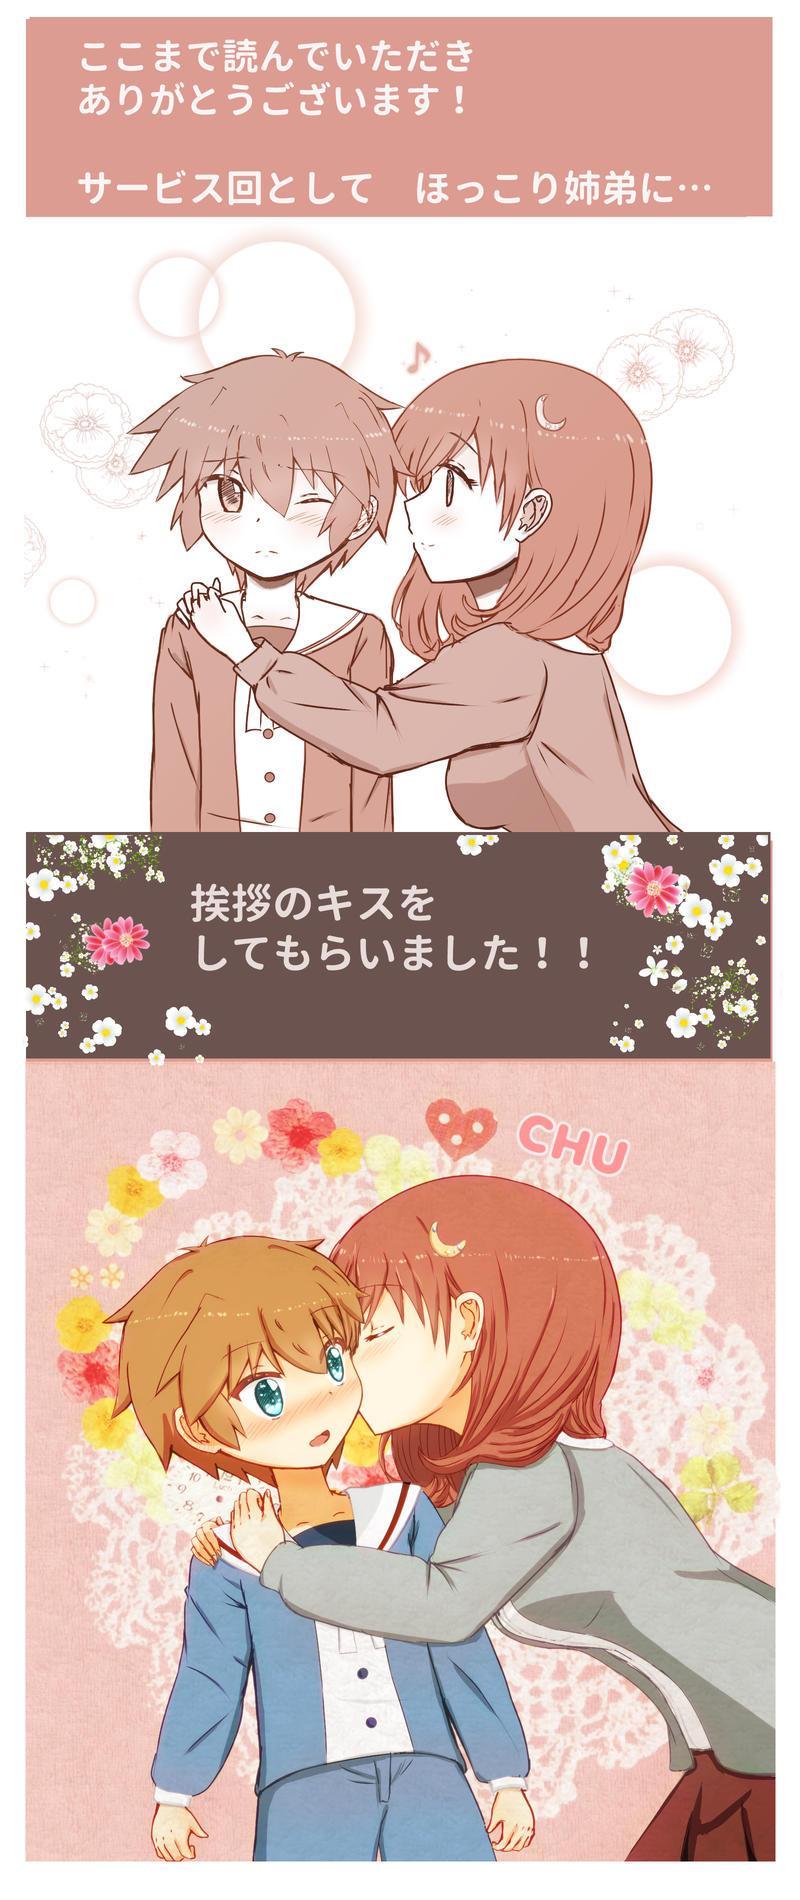 【愛読ありがとう回】番外編 挨拶のキス